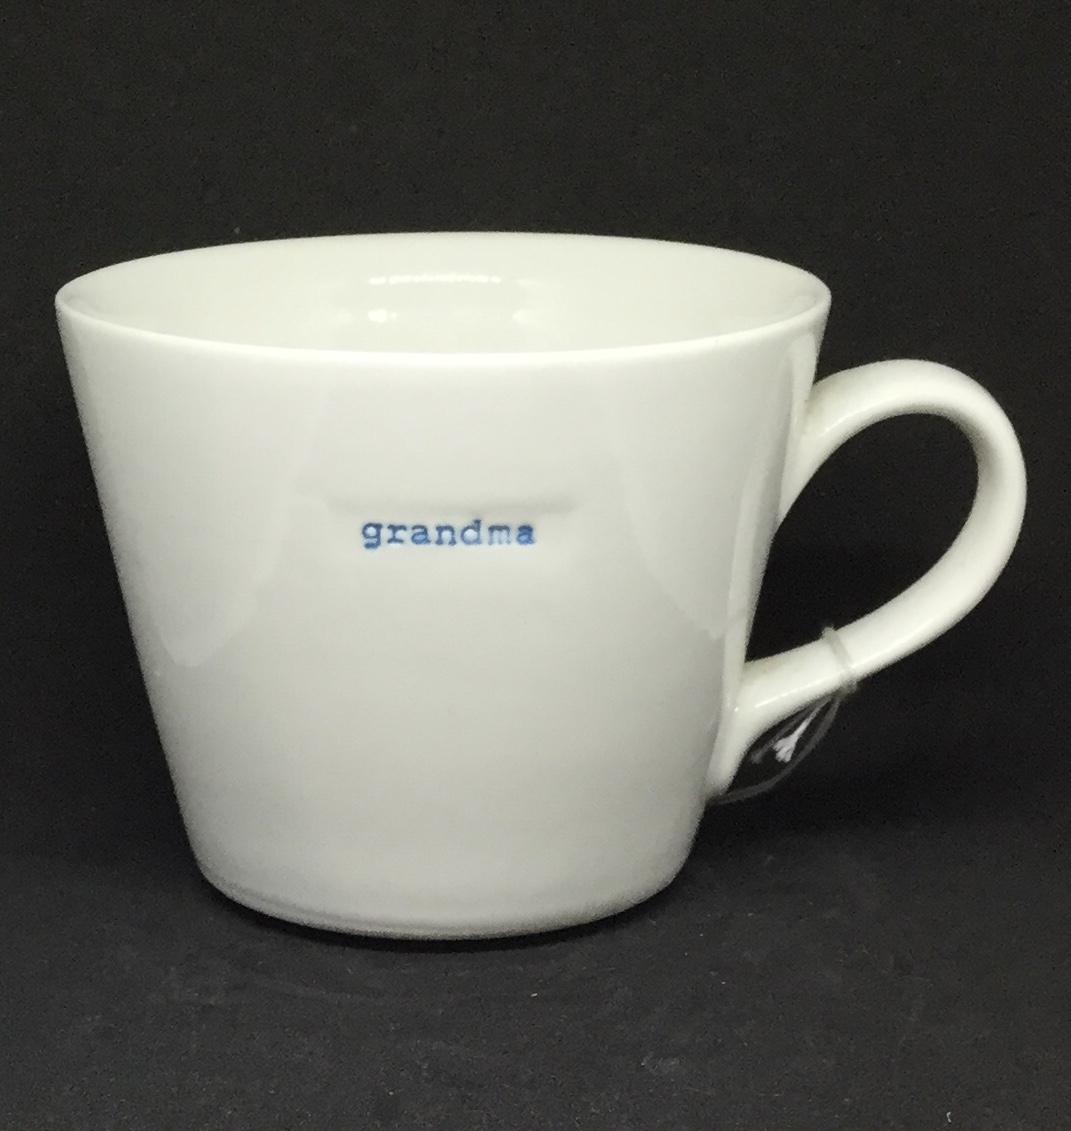 'Grandma' fine bone China mug